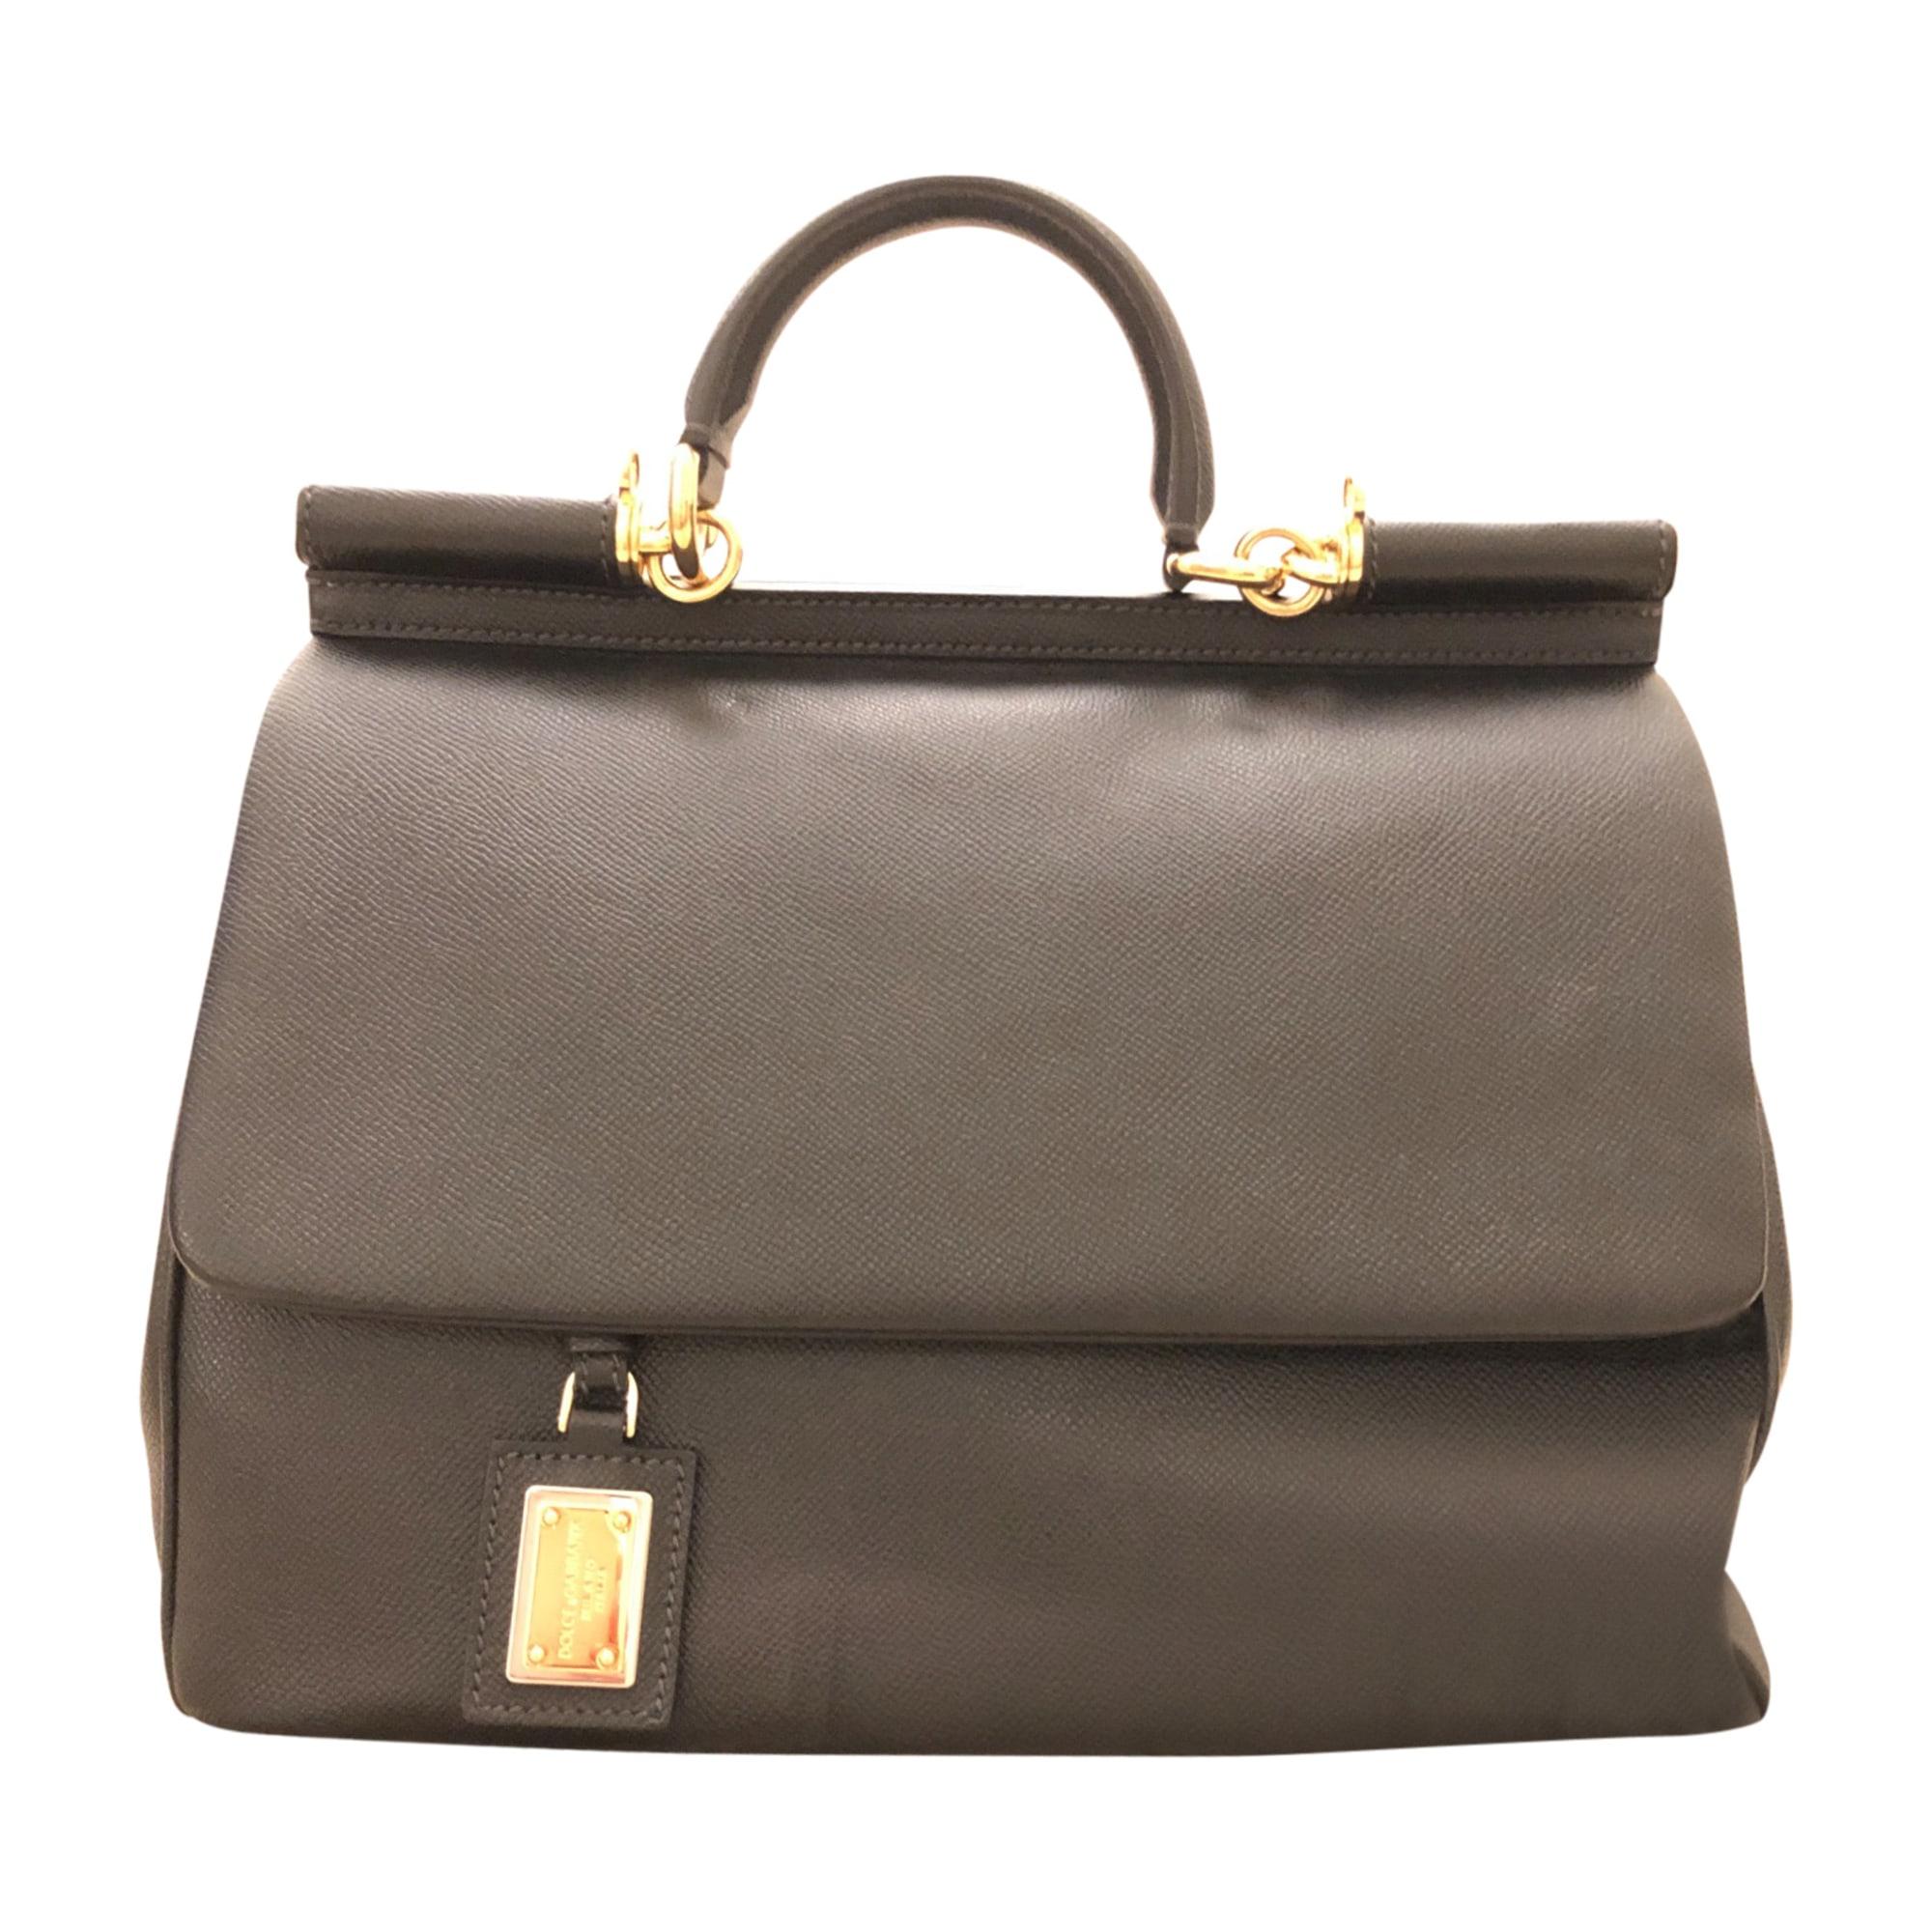 Sac Cuir Gabbana Main En À Dolceamp; 5R4AjL